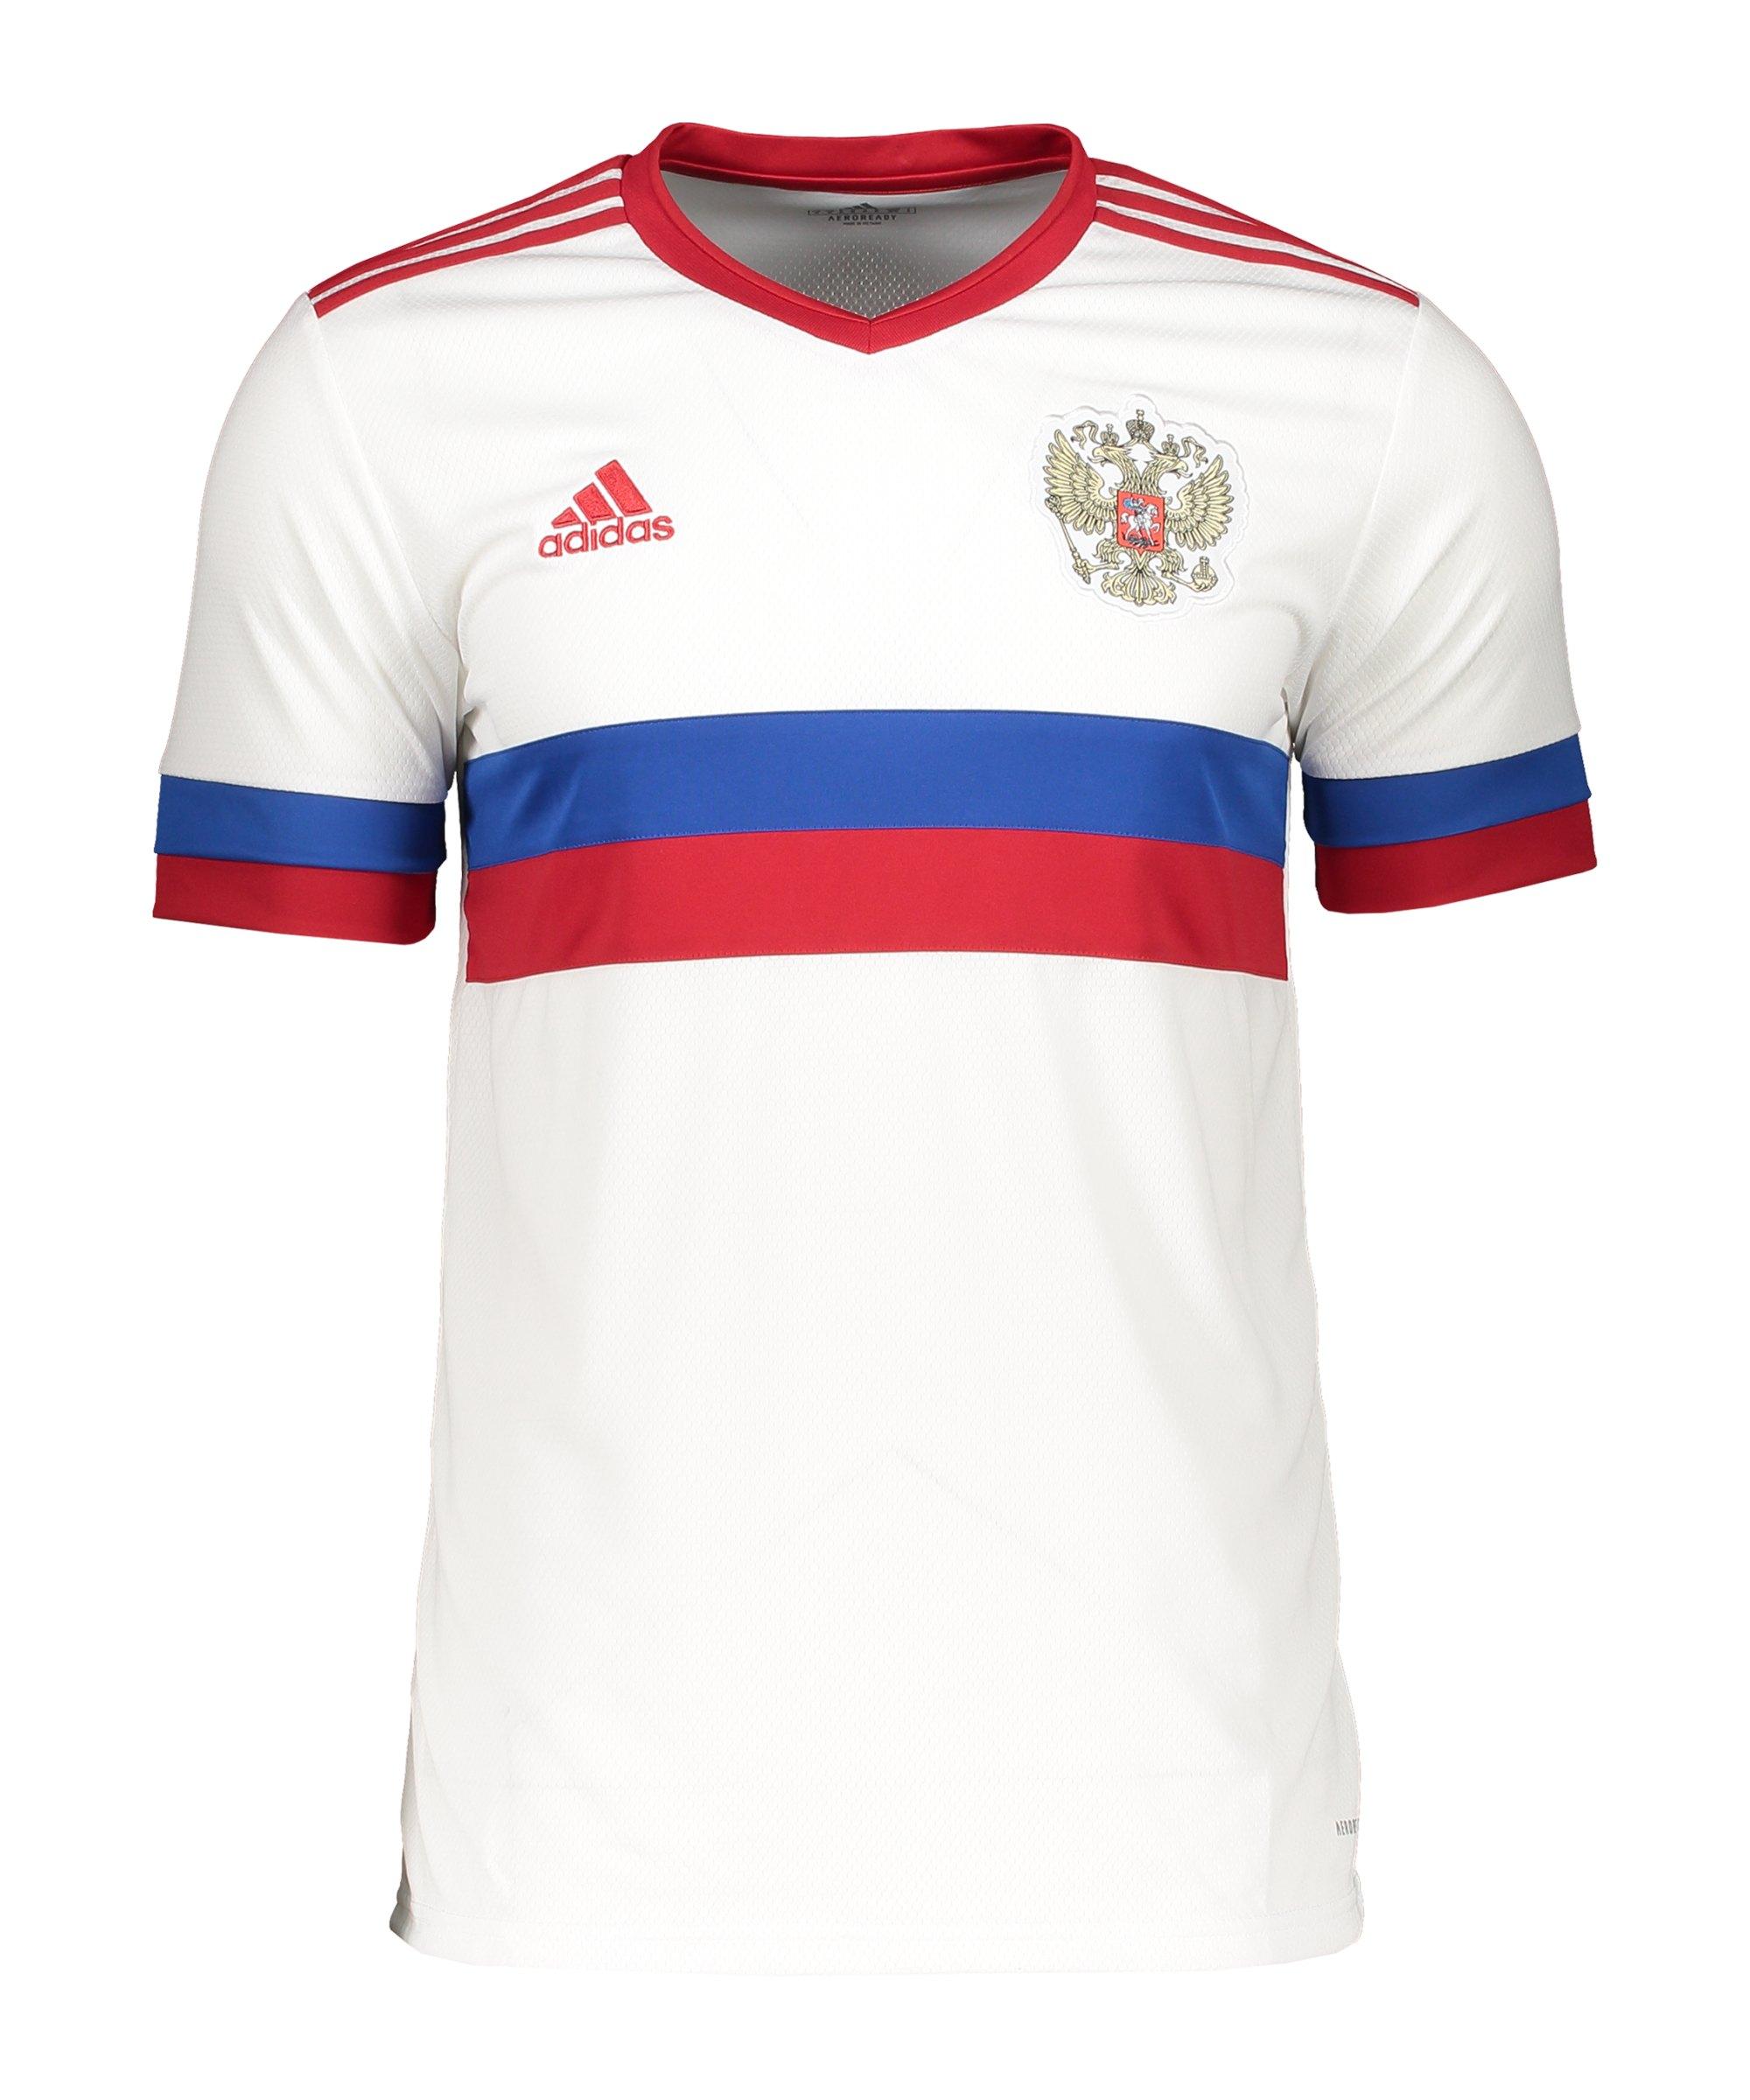 adidas Russland Trikot Away EM 2020 Kids Weiss Rot - weiss